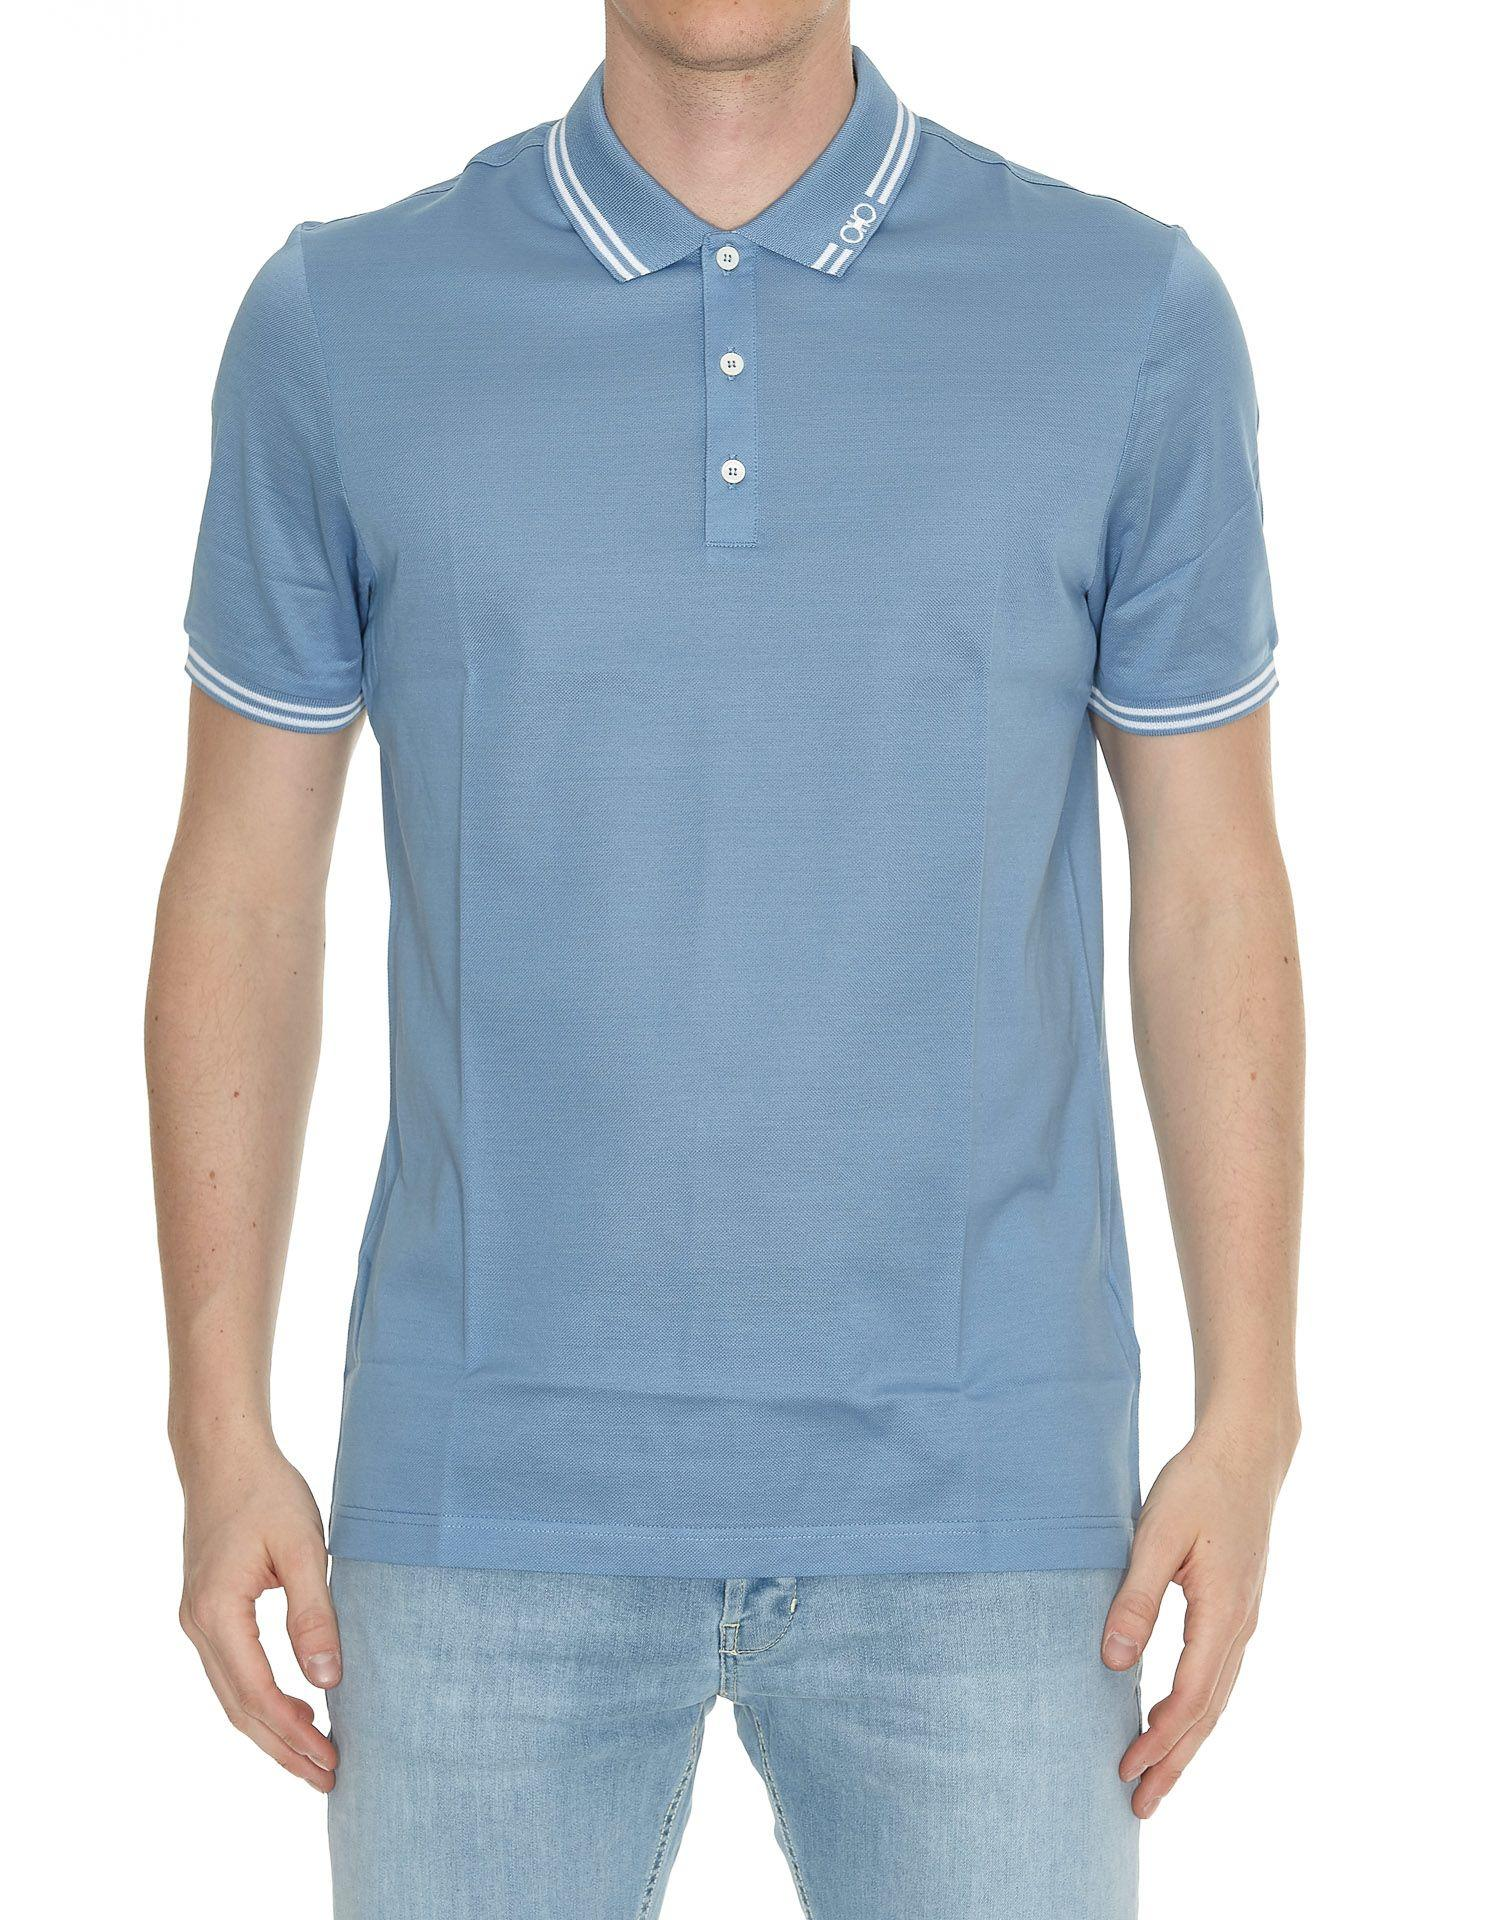 Salvatore Ferragamo Polo T-shirt In Light Blue